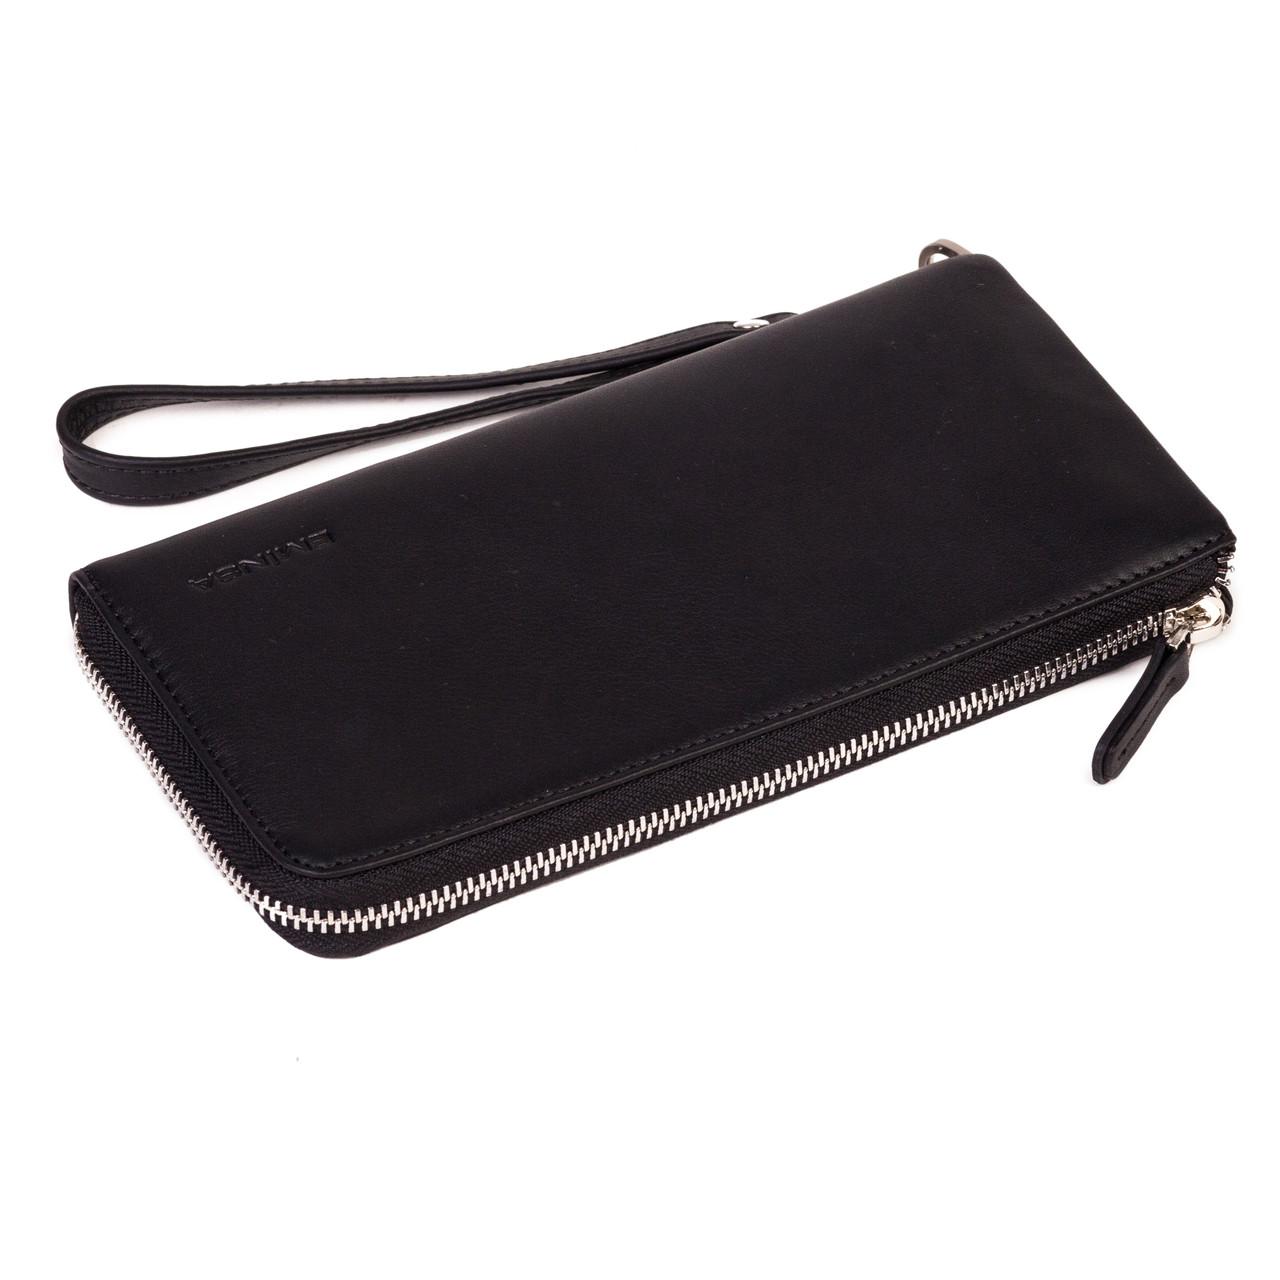 Женский кошелек Eminsa 2104-3-1 кожаный черный